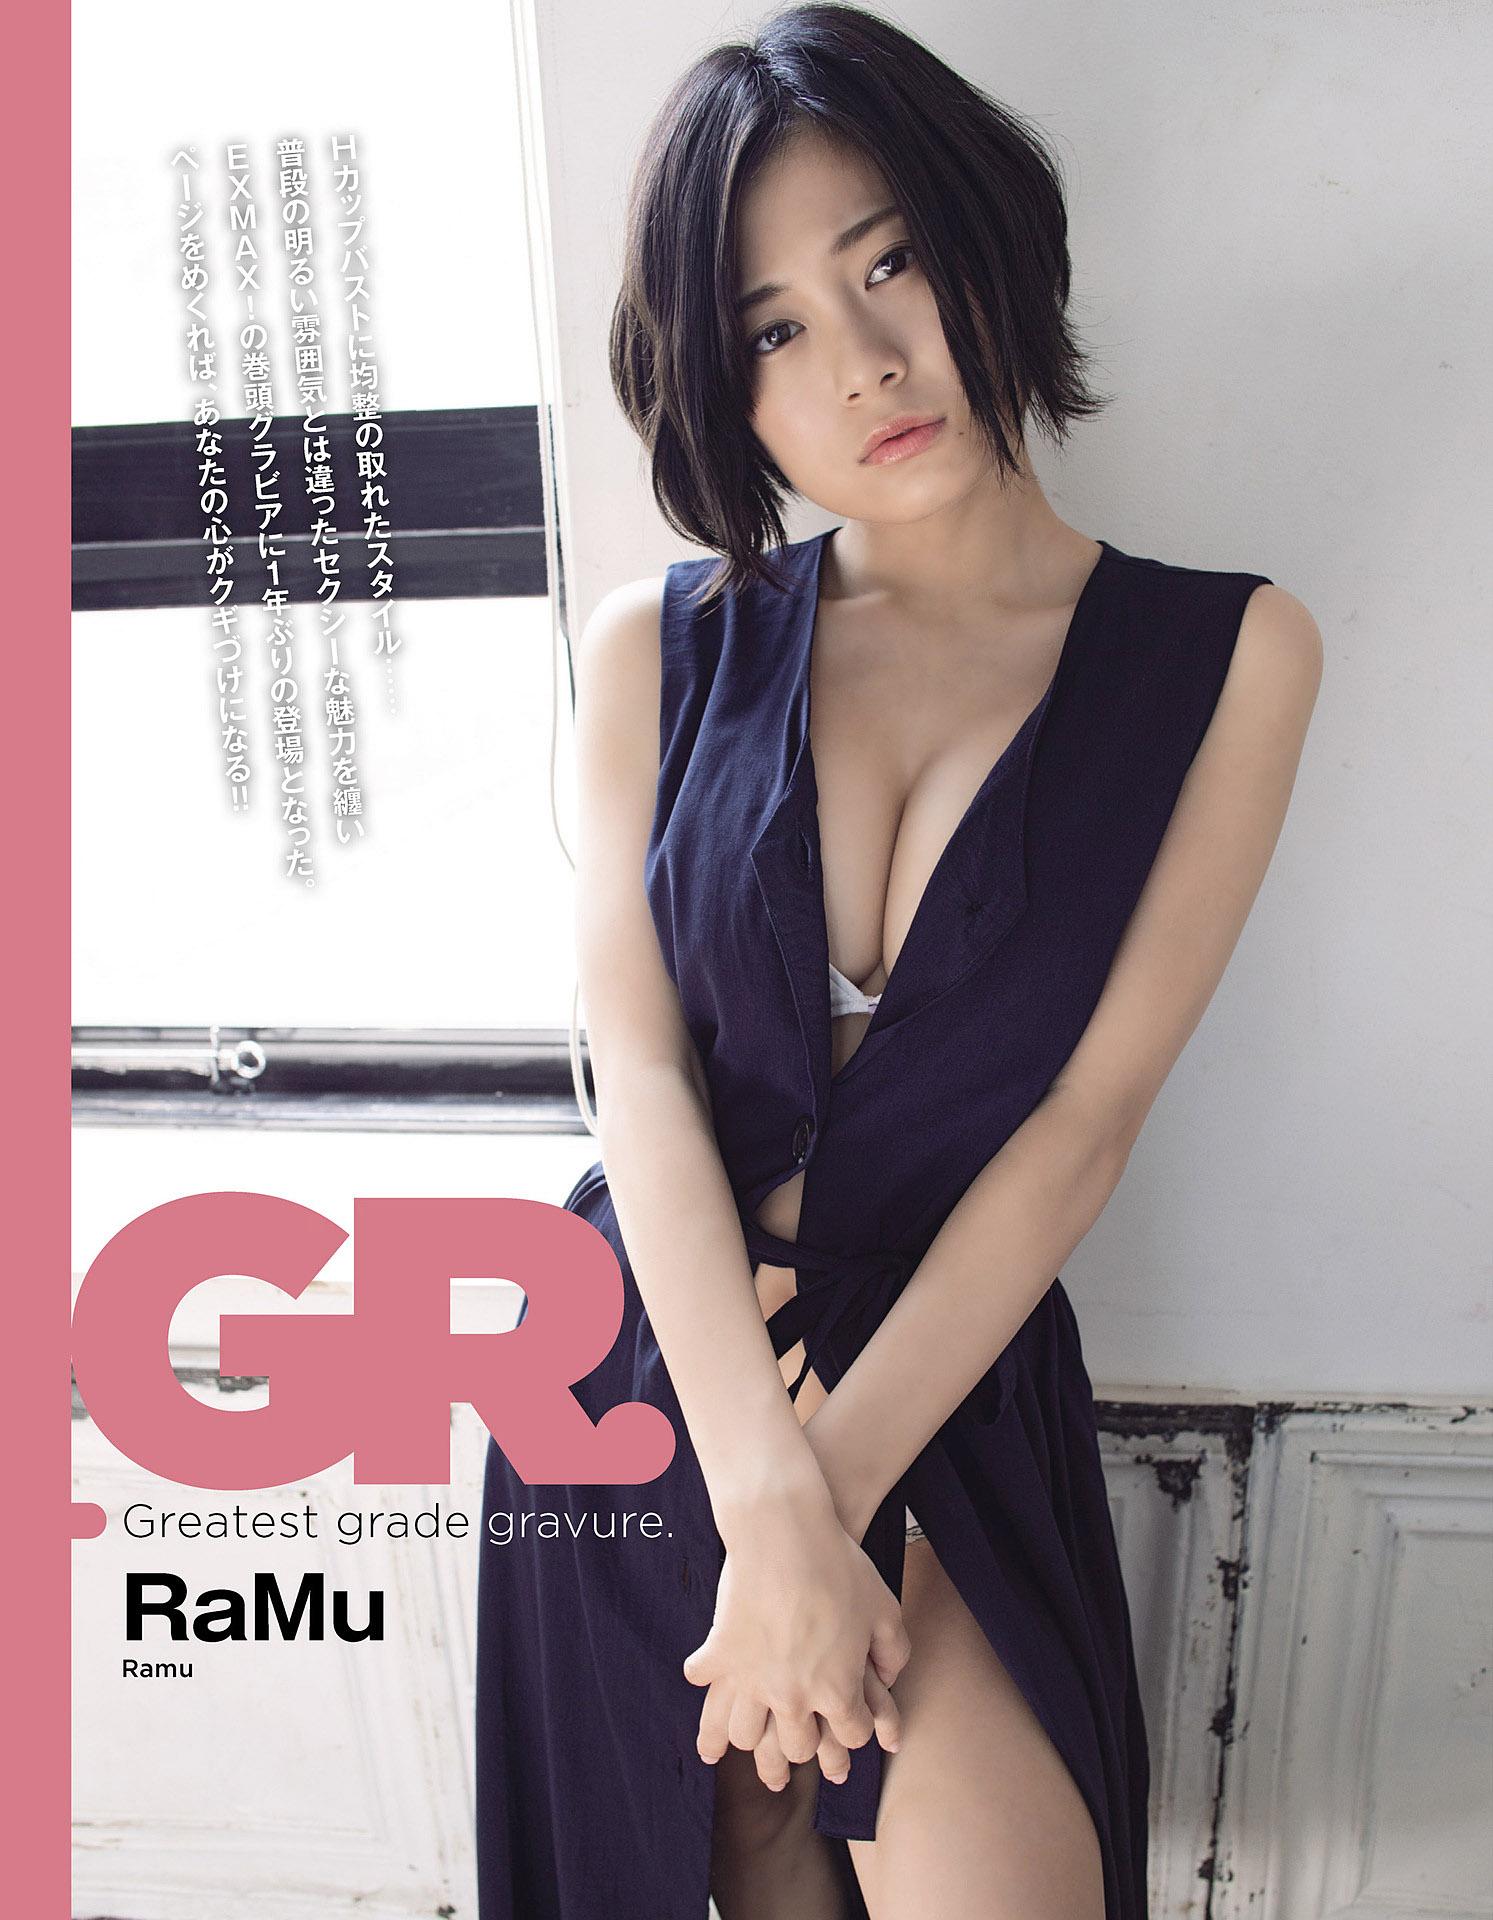 Ramu ExMax 1910 02.jpg